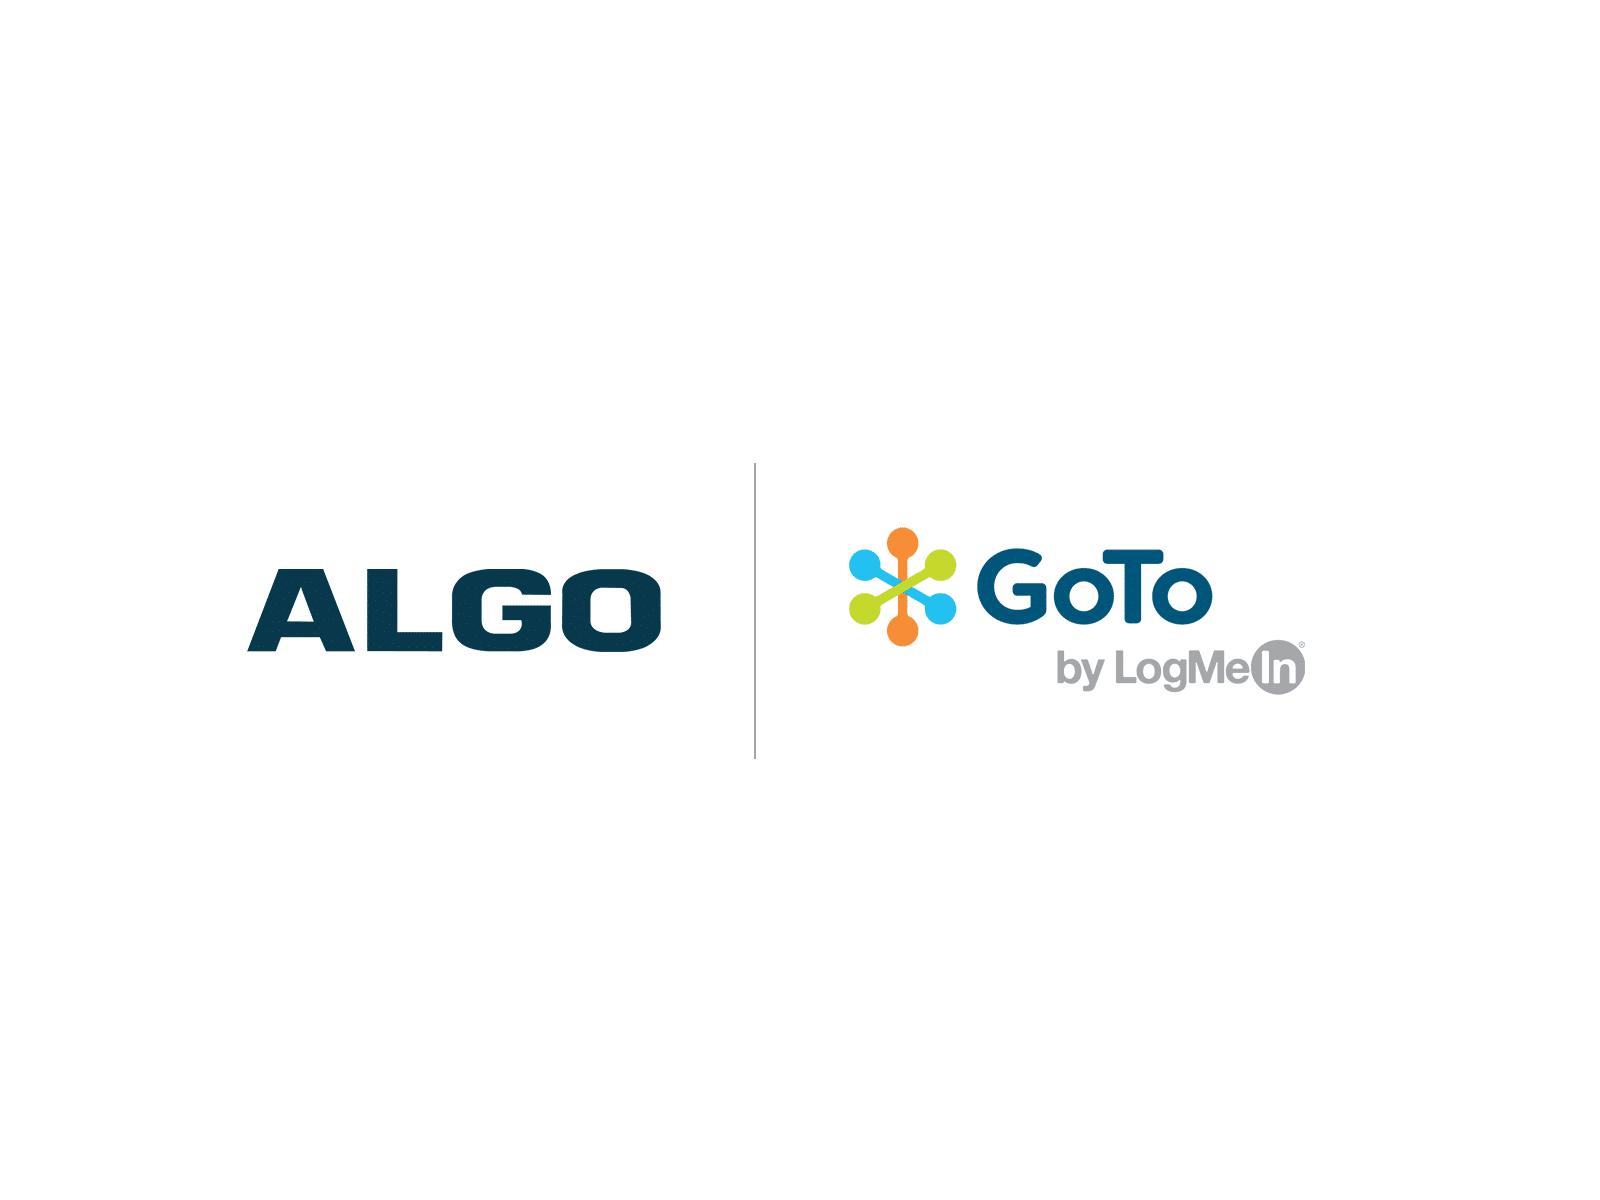 Algo GoTo by LogMeIn Logo Compatibility